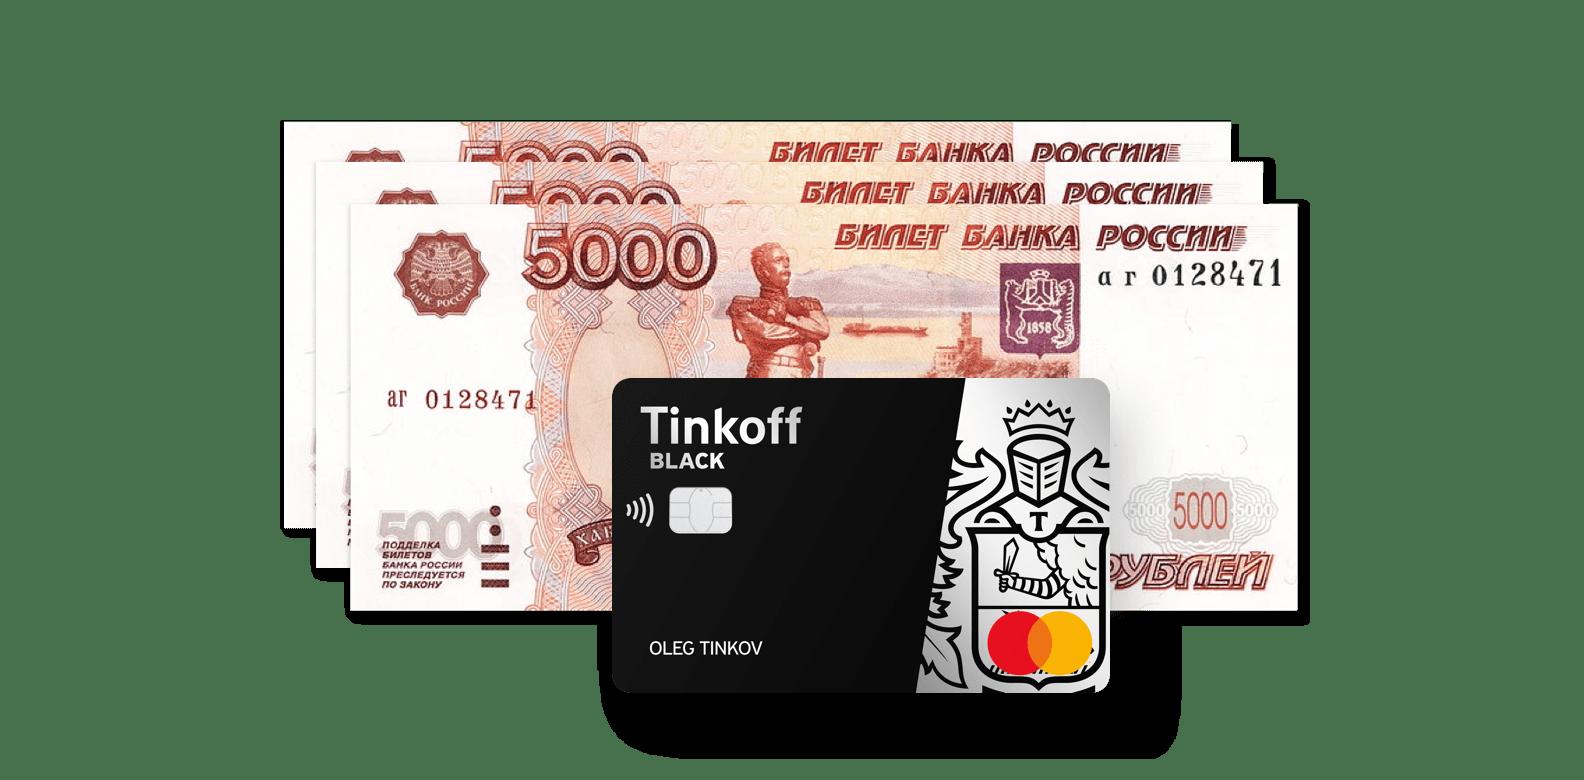 потребительский кредит адресный 500-24.9 райффайзенбанк калькулятор кредита рассчитать